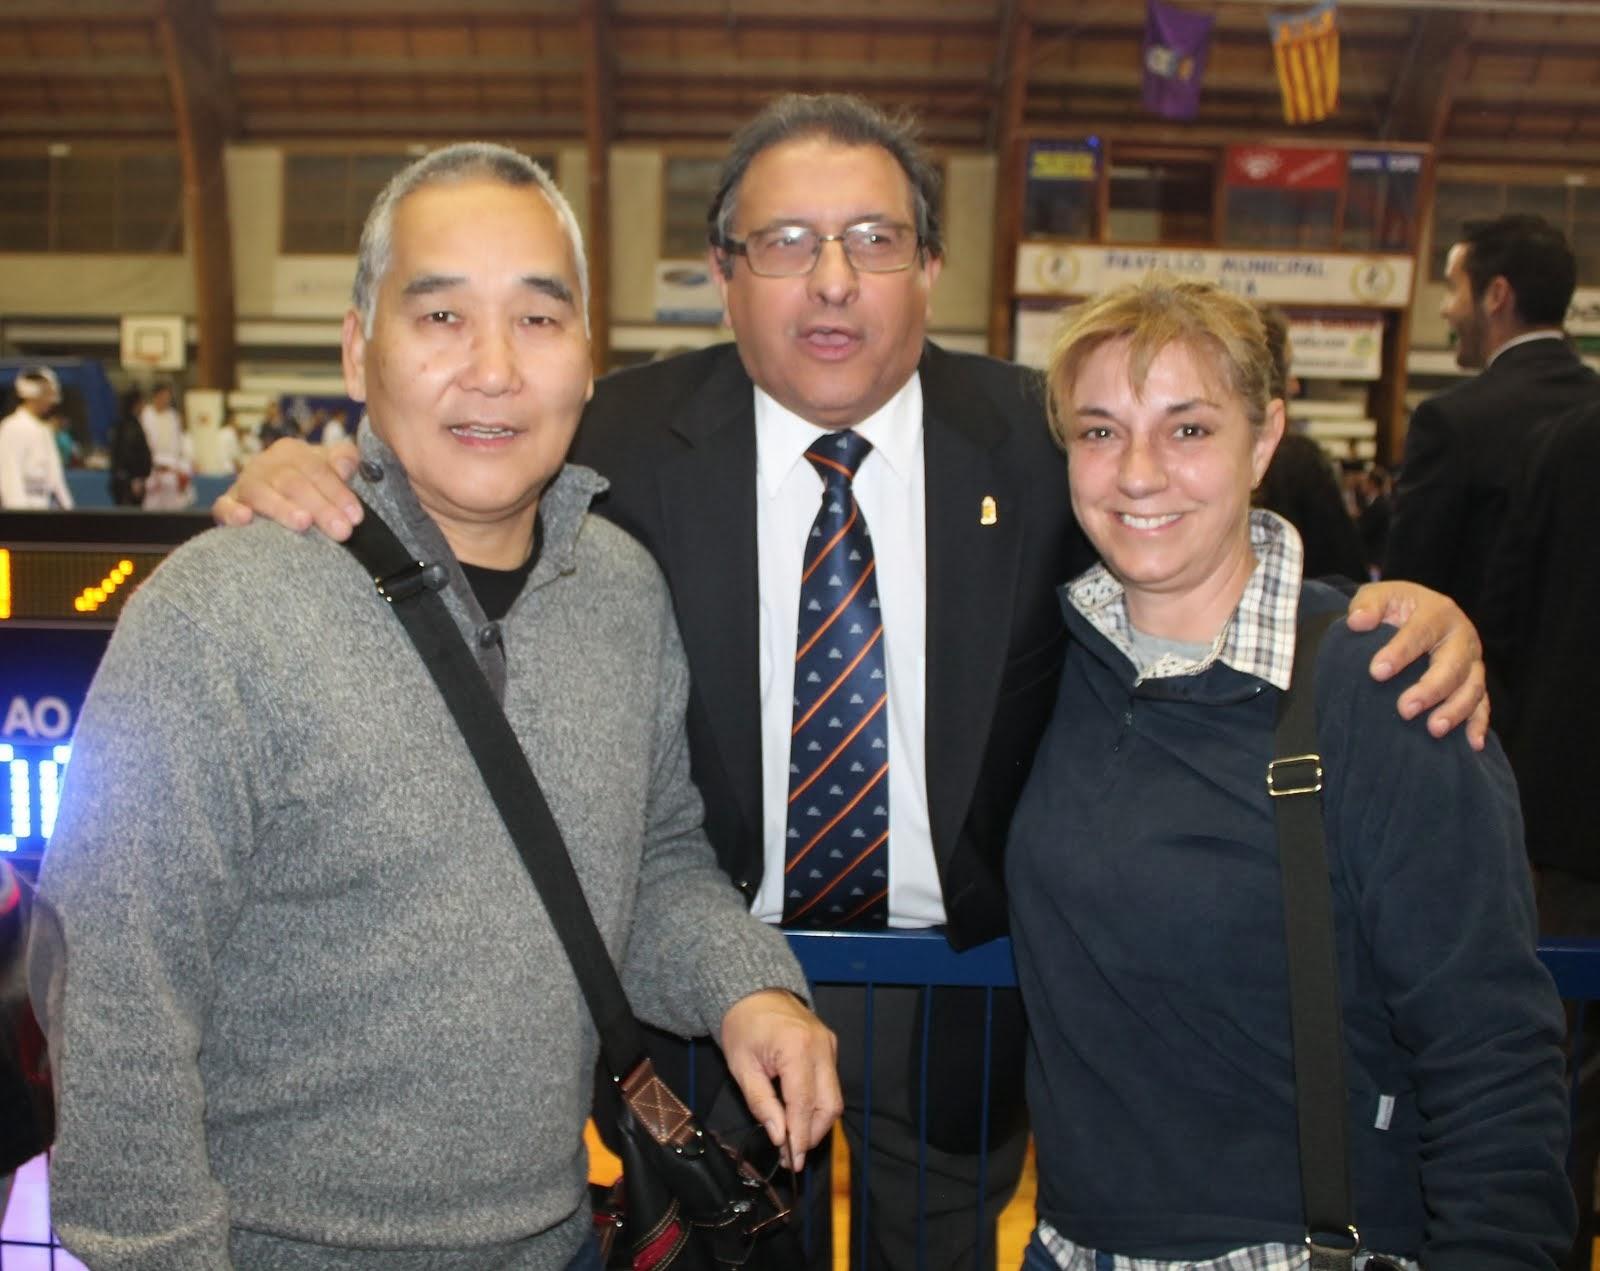 Akio, Ángel y Puri